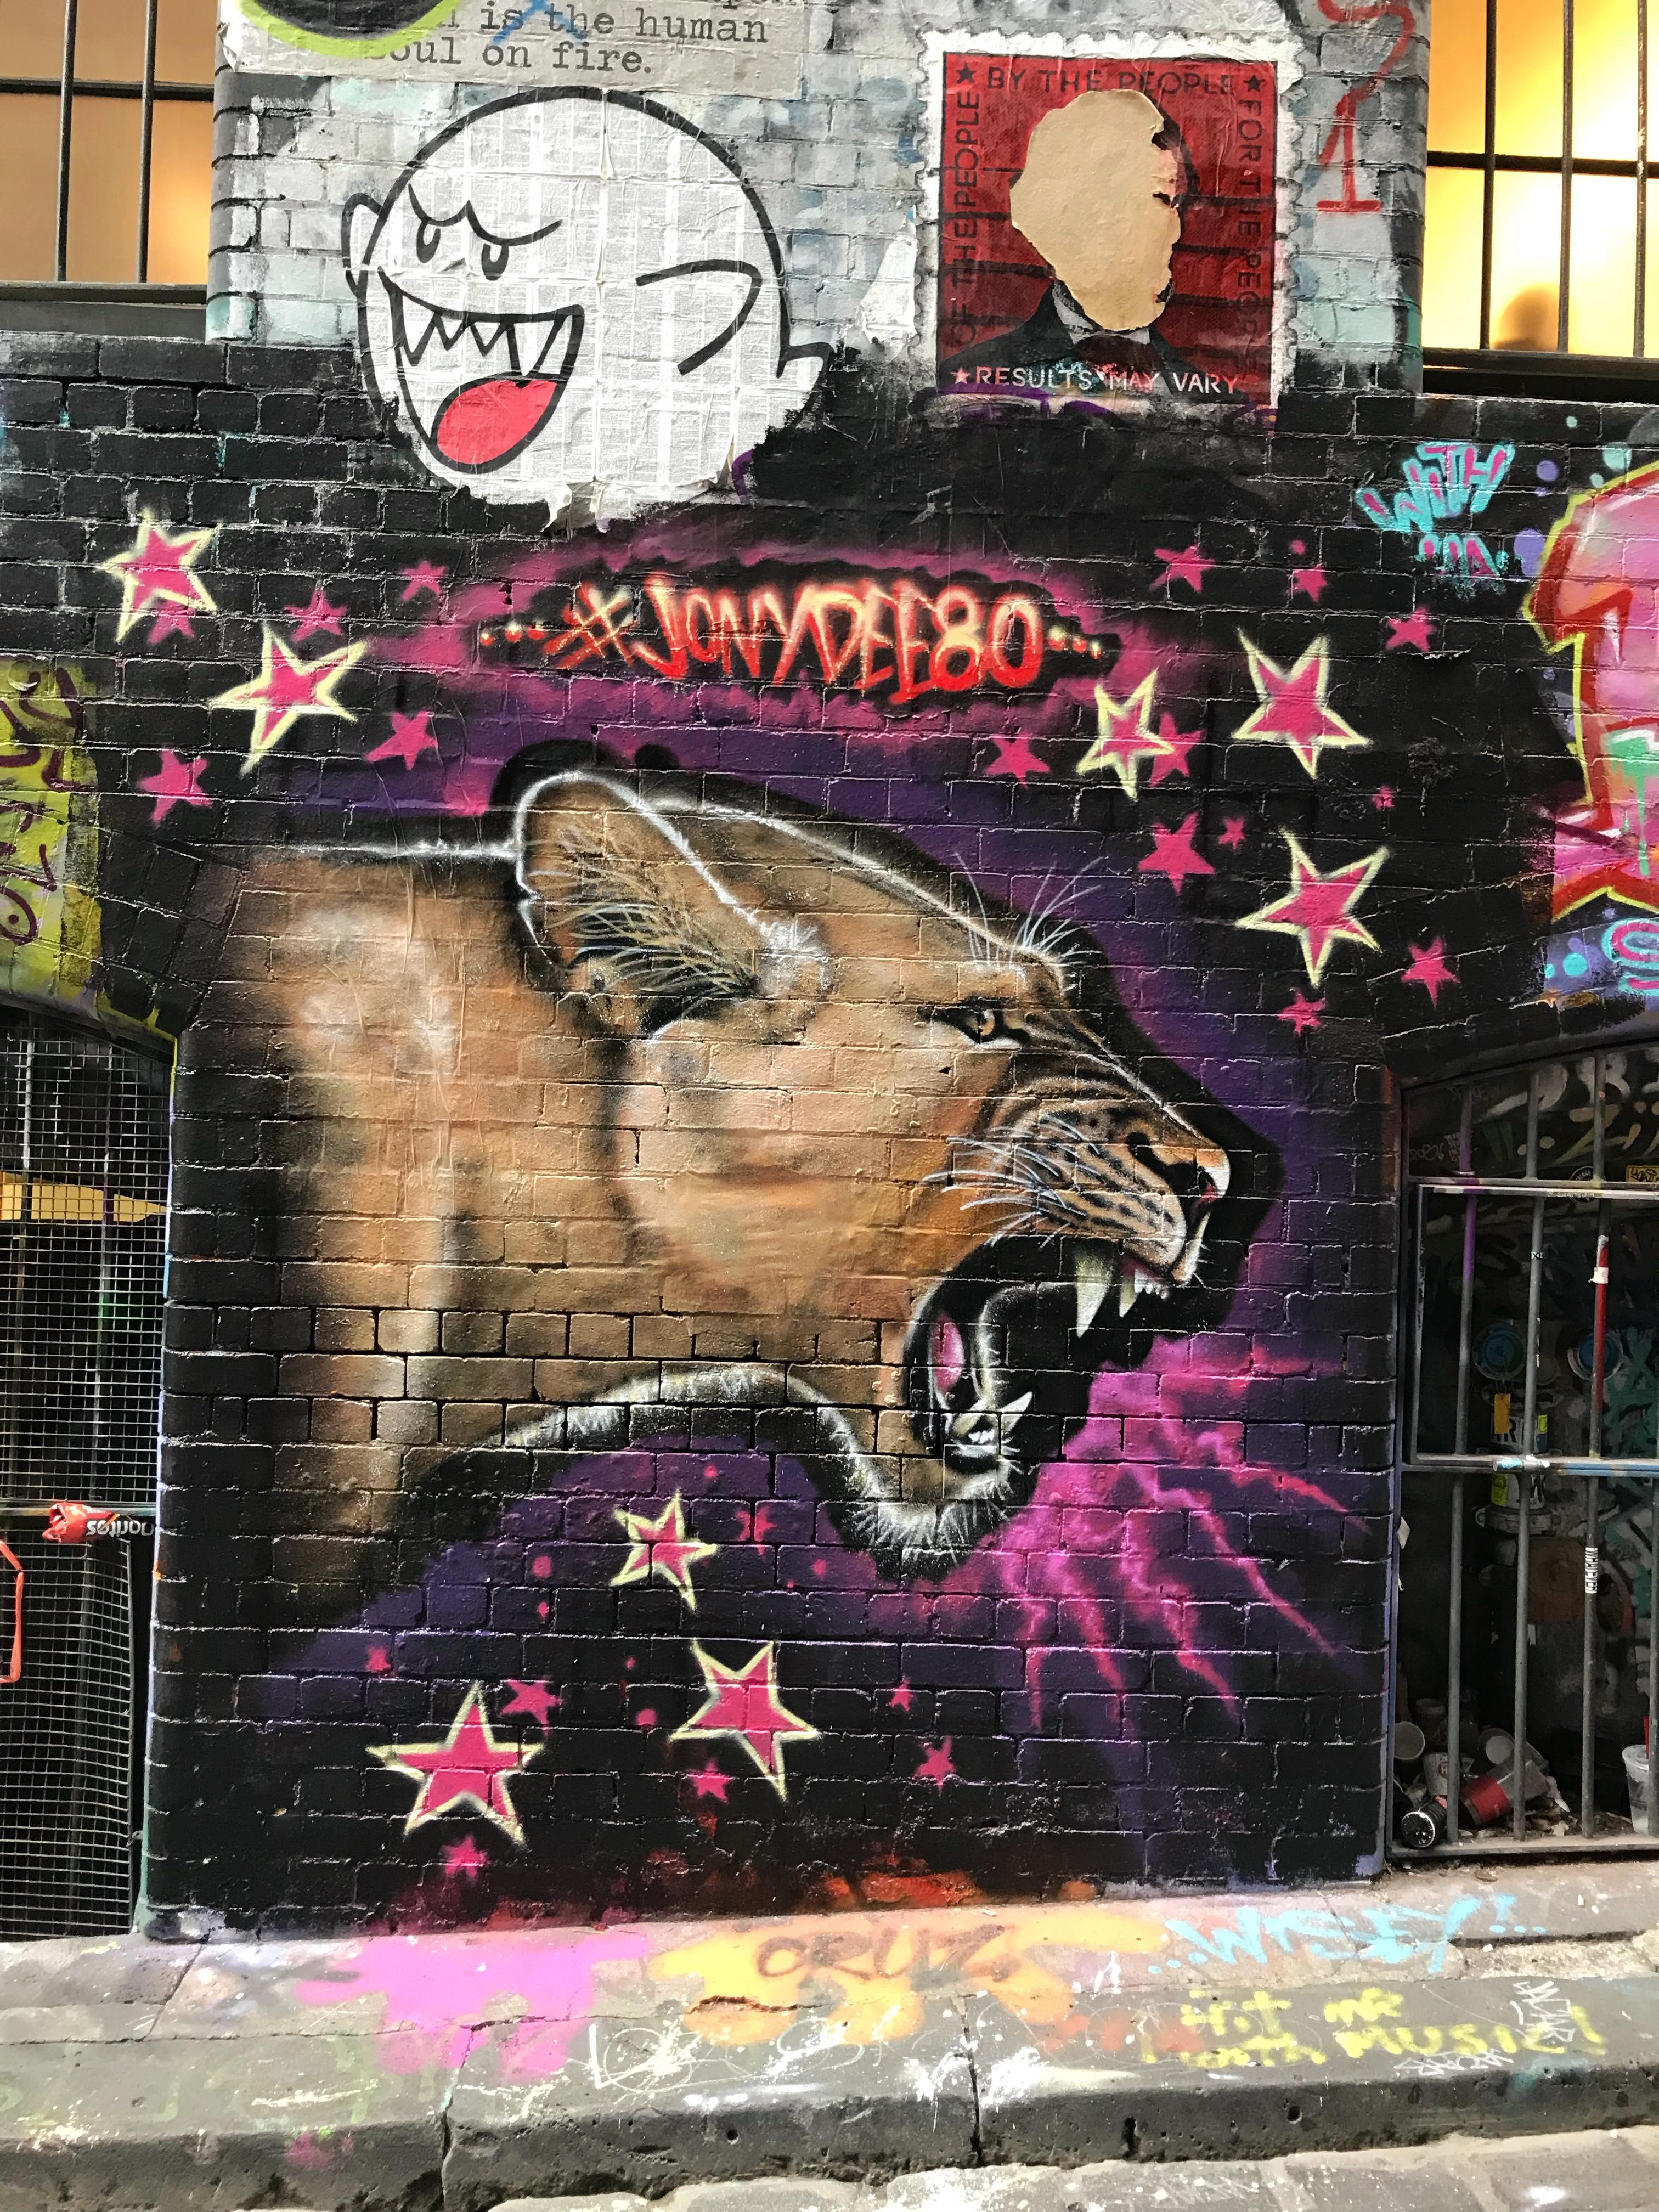 Street art hosier lane Melbourne